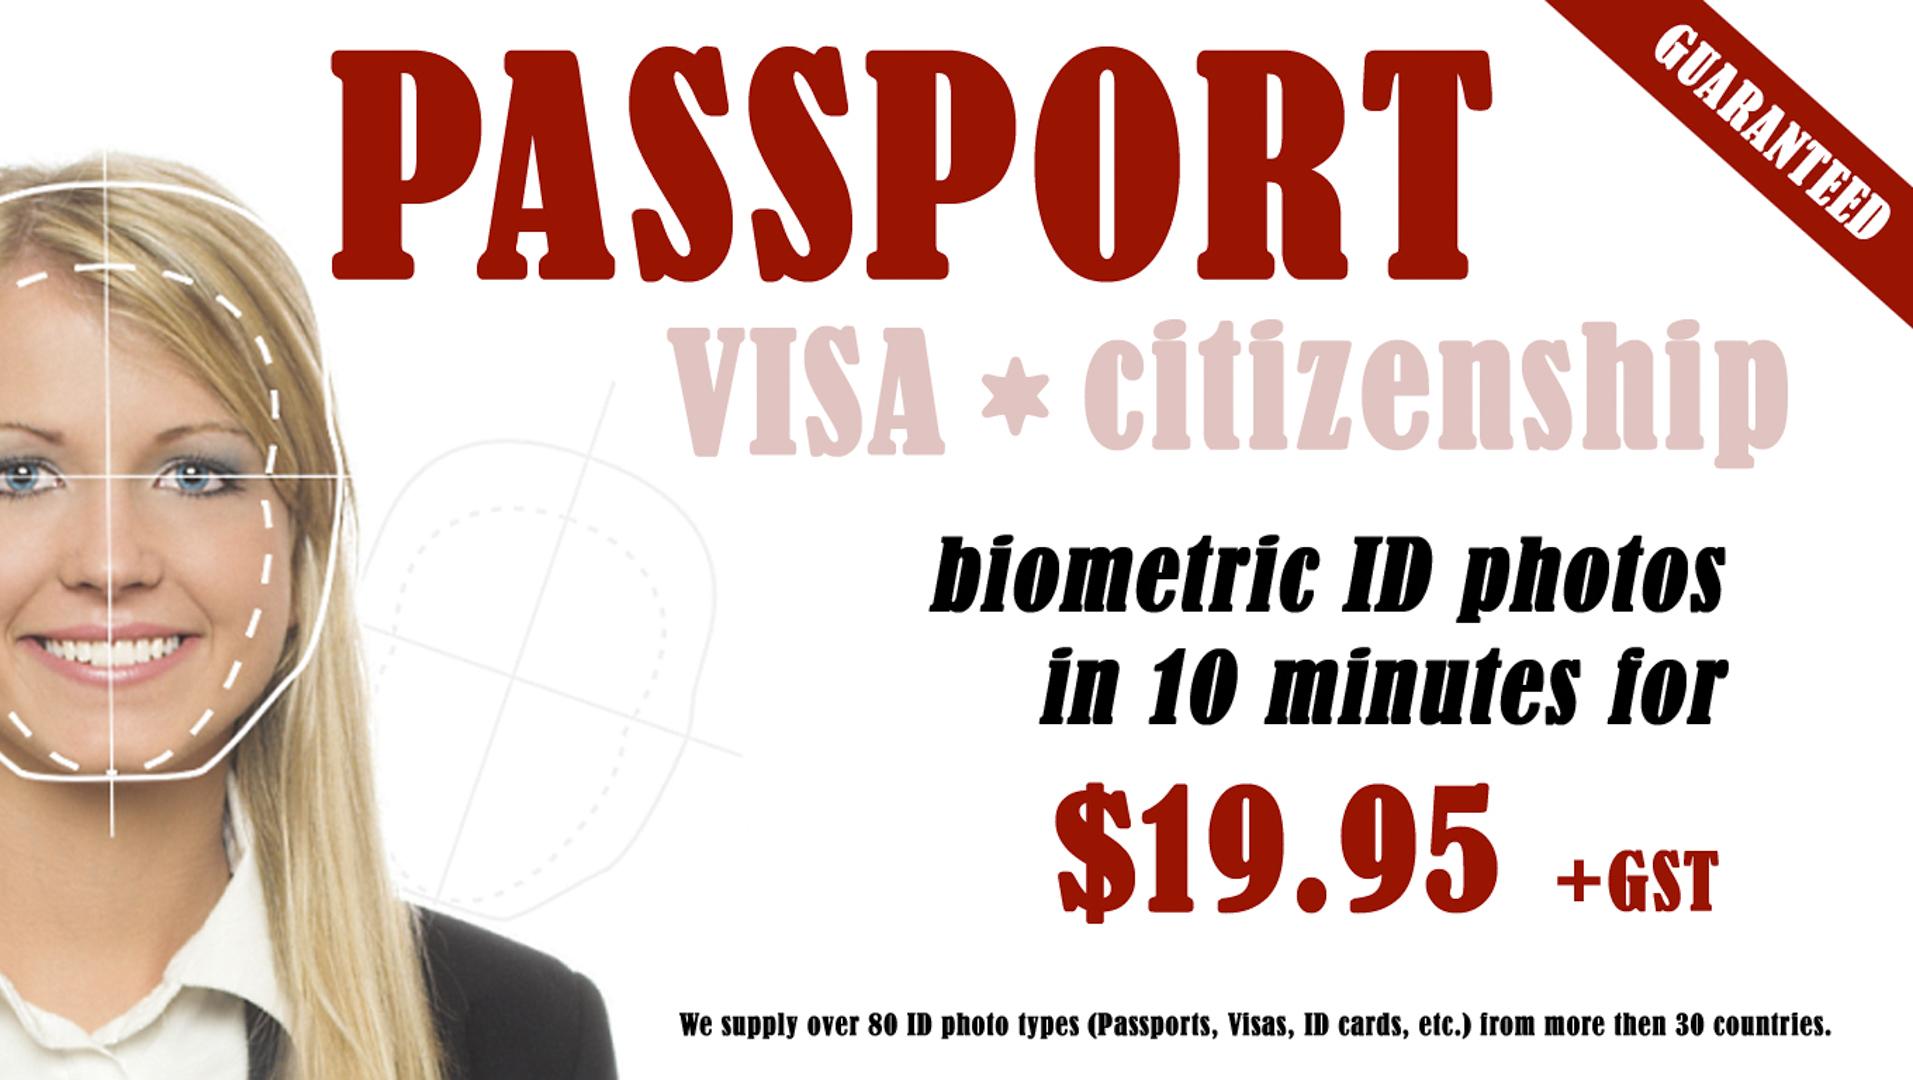 Guaranteed Passport Photos for $19.95